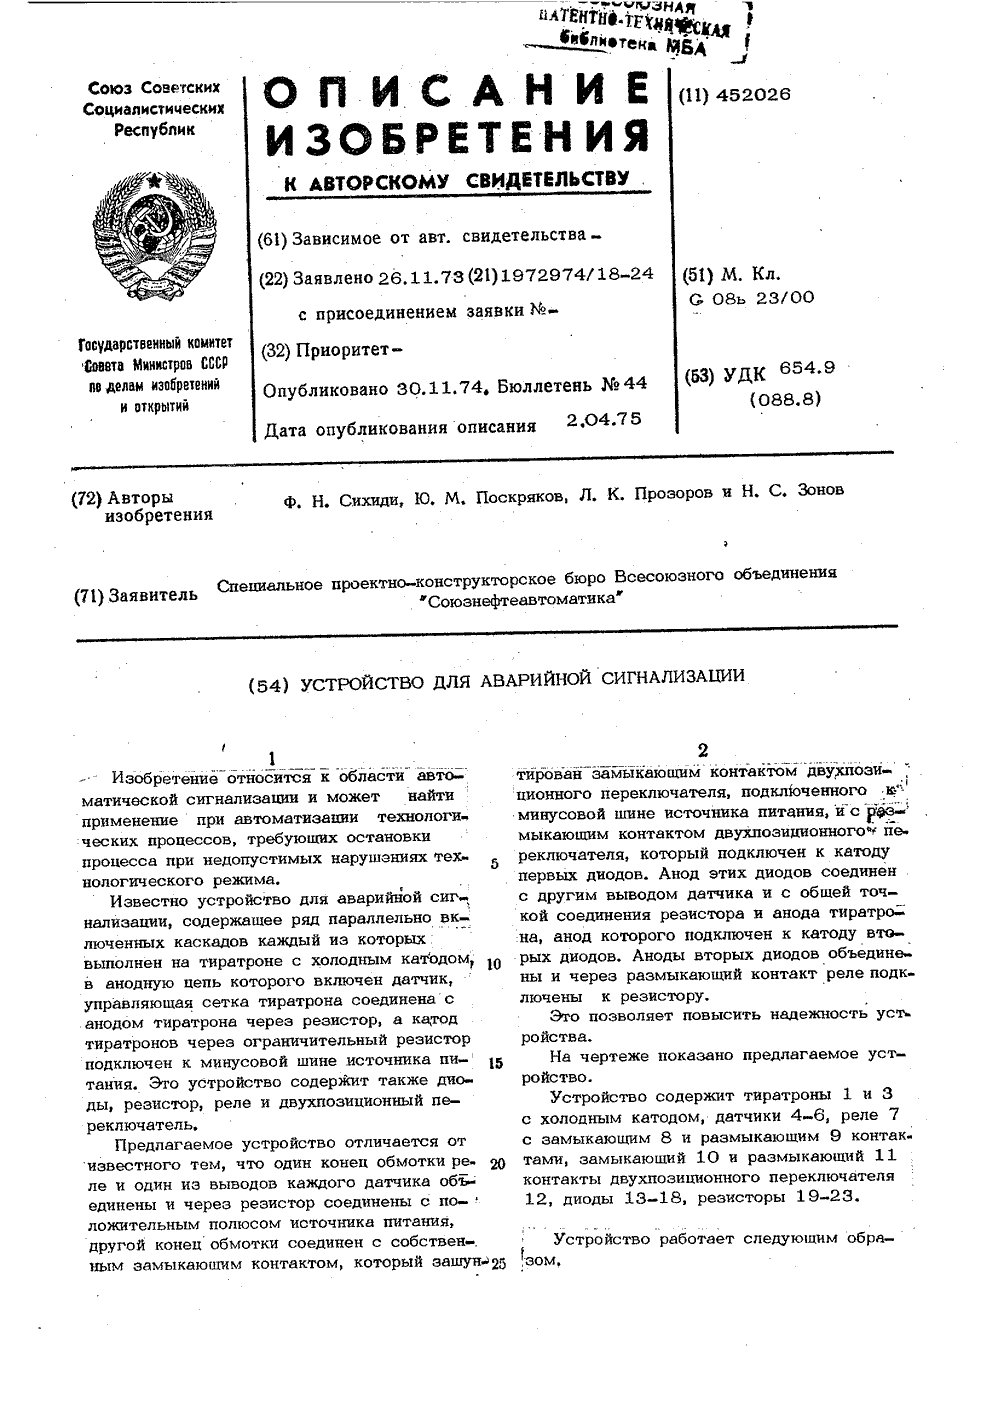 25.11.1974. Проверка или контроль систем сигнализации, в том числе тревожно